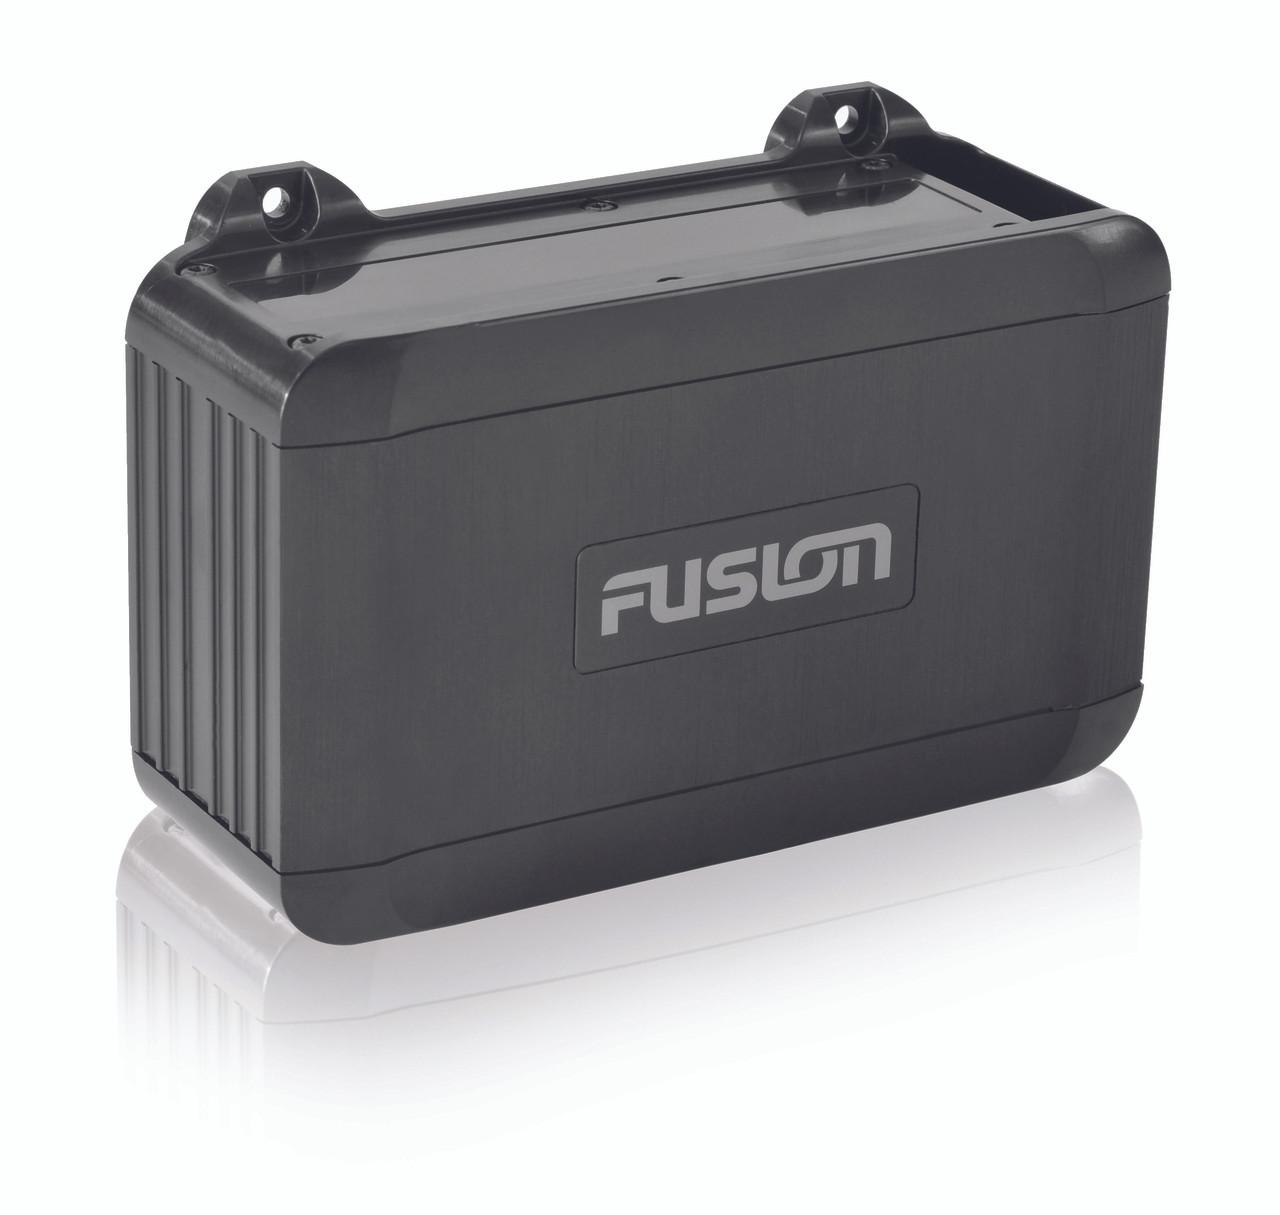 FusionBB100 Marine Black Box Stereo Unit